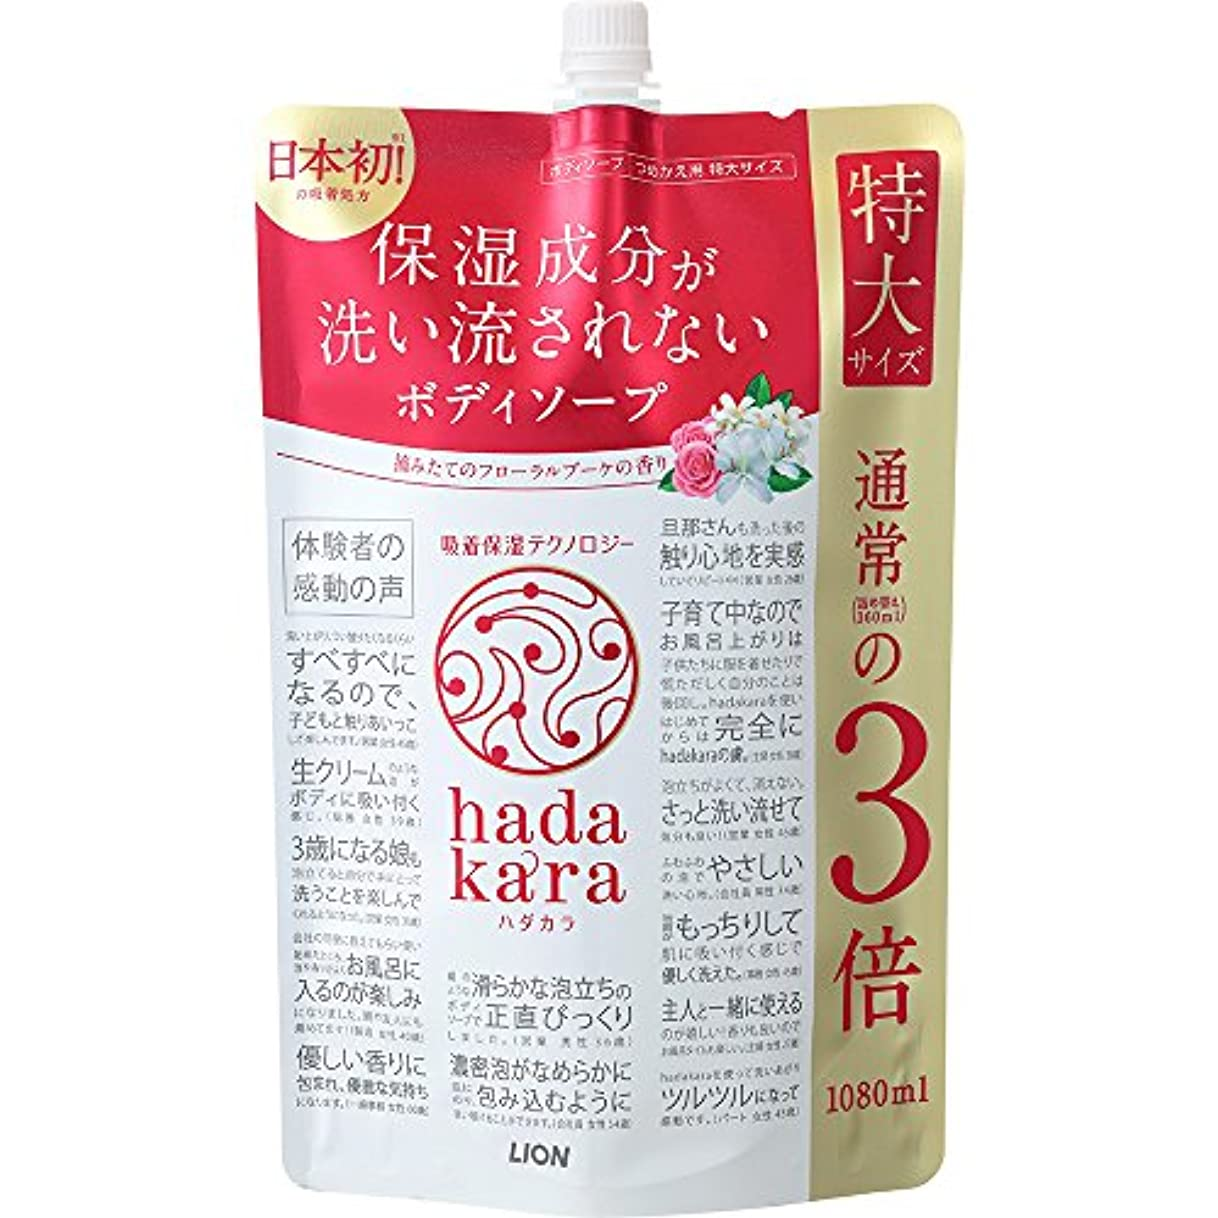 差し引くスライス推進、動かす【大容量】hadakara(ハダカラ) ボディソープ フローラルブーケの香り 詰め替え 特大 1080ml